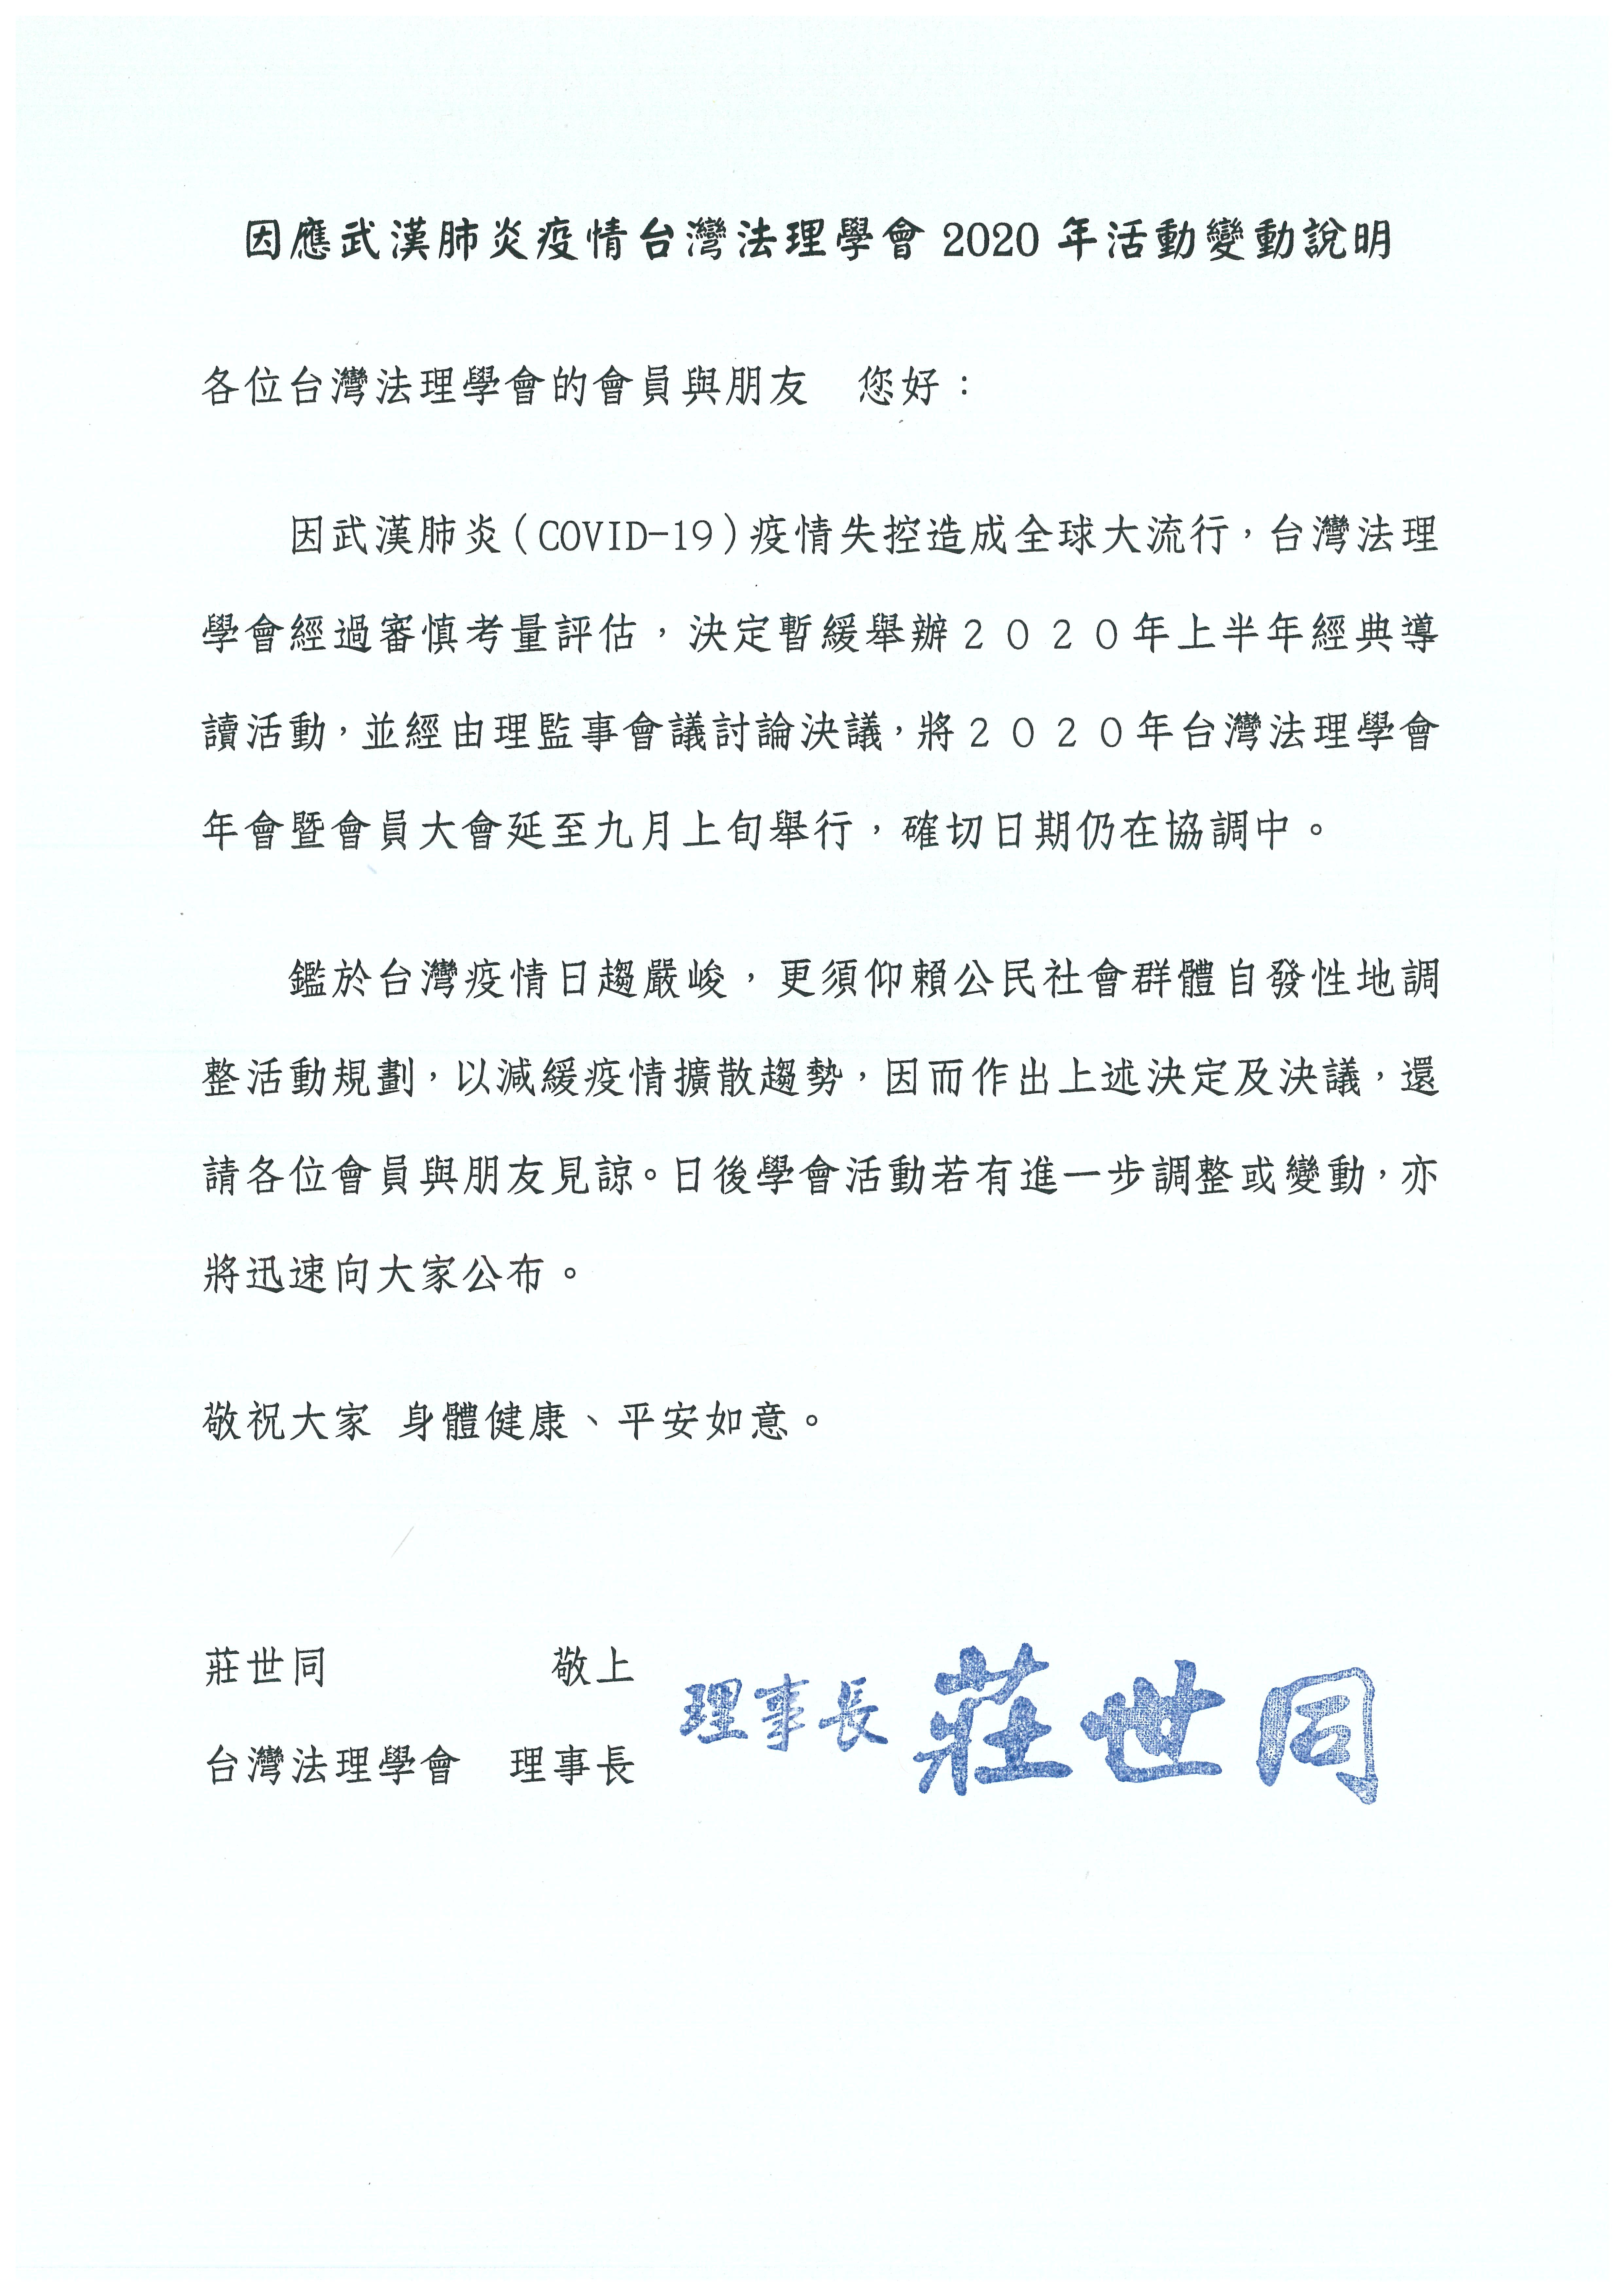 20200324_因應武漢肺炎台灣法理學會2020年活動變更說明_正式公告